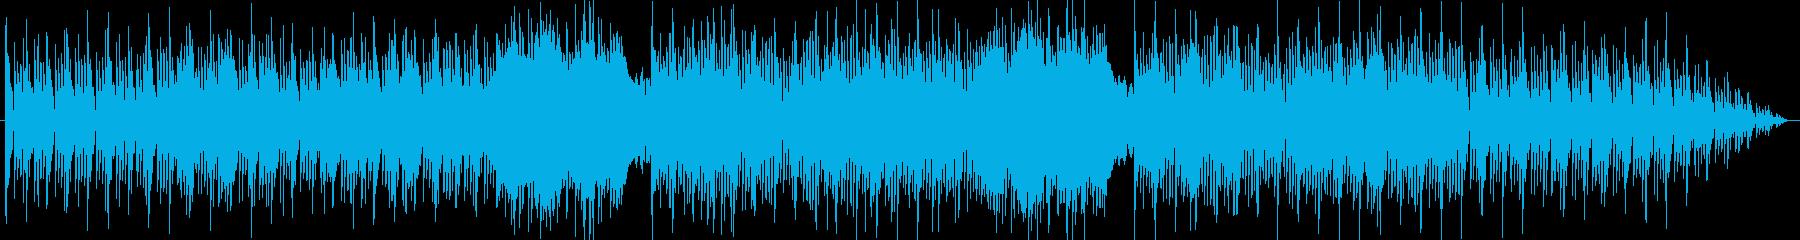 Violin,Piano/ほのぼのBGMの再生済みの波形